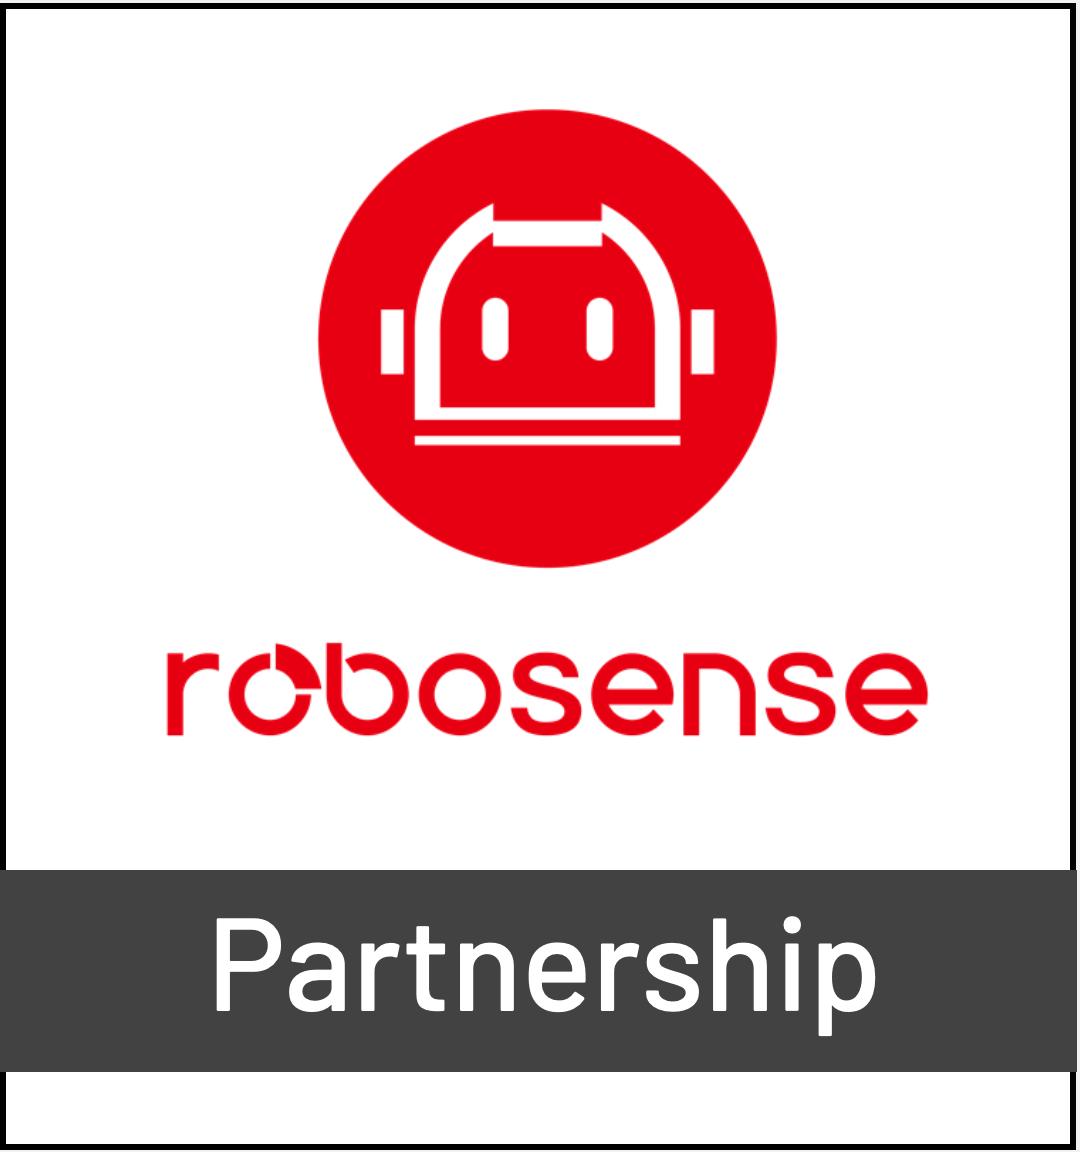 Robosense LiDAR Logo - Partnership with Outsight